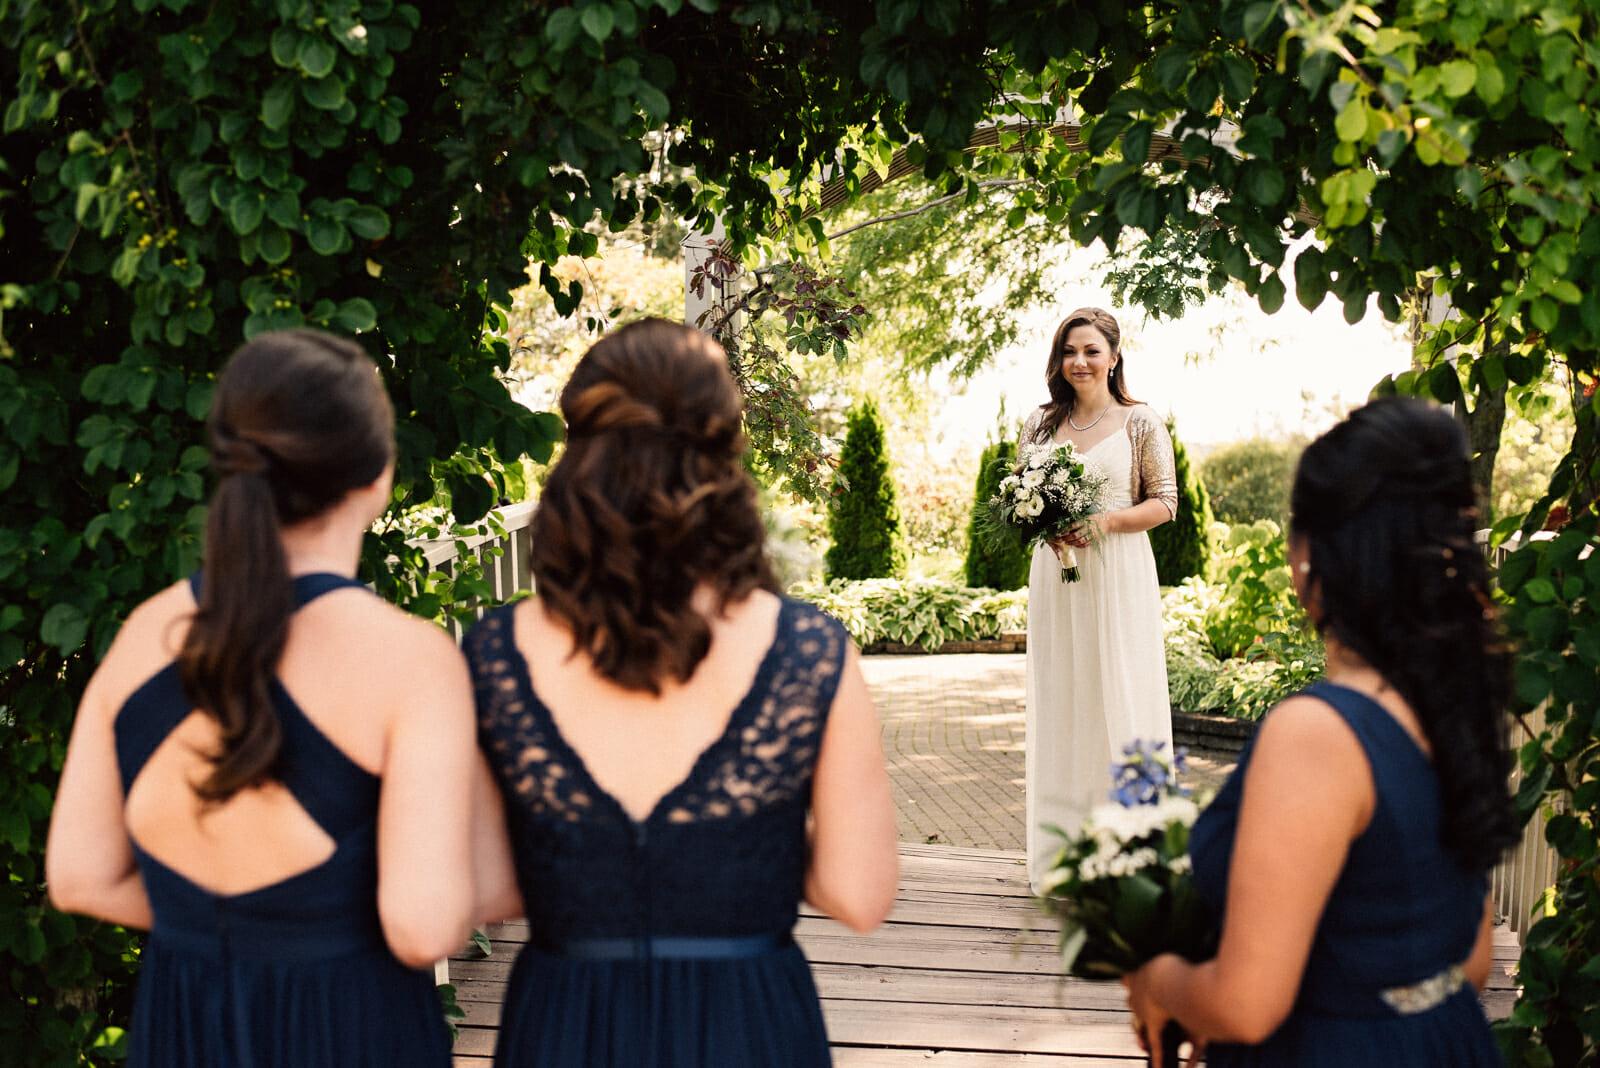 bridesmaids look at bride